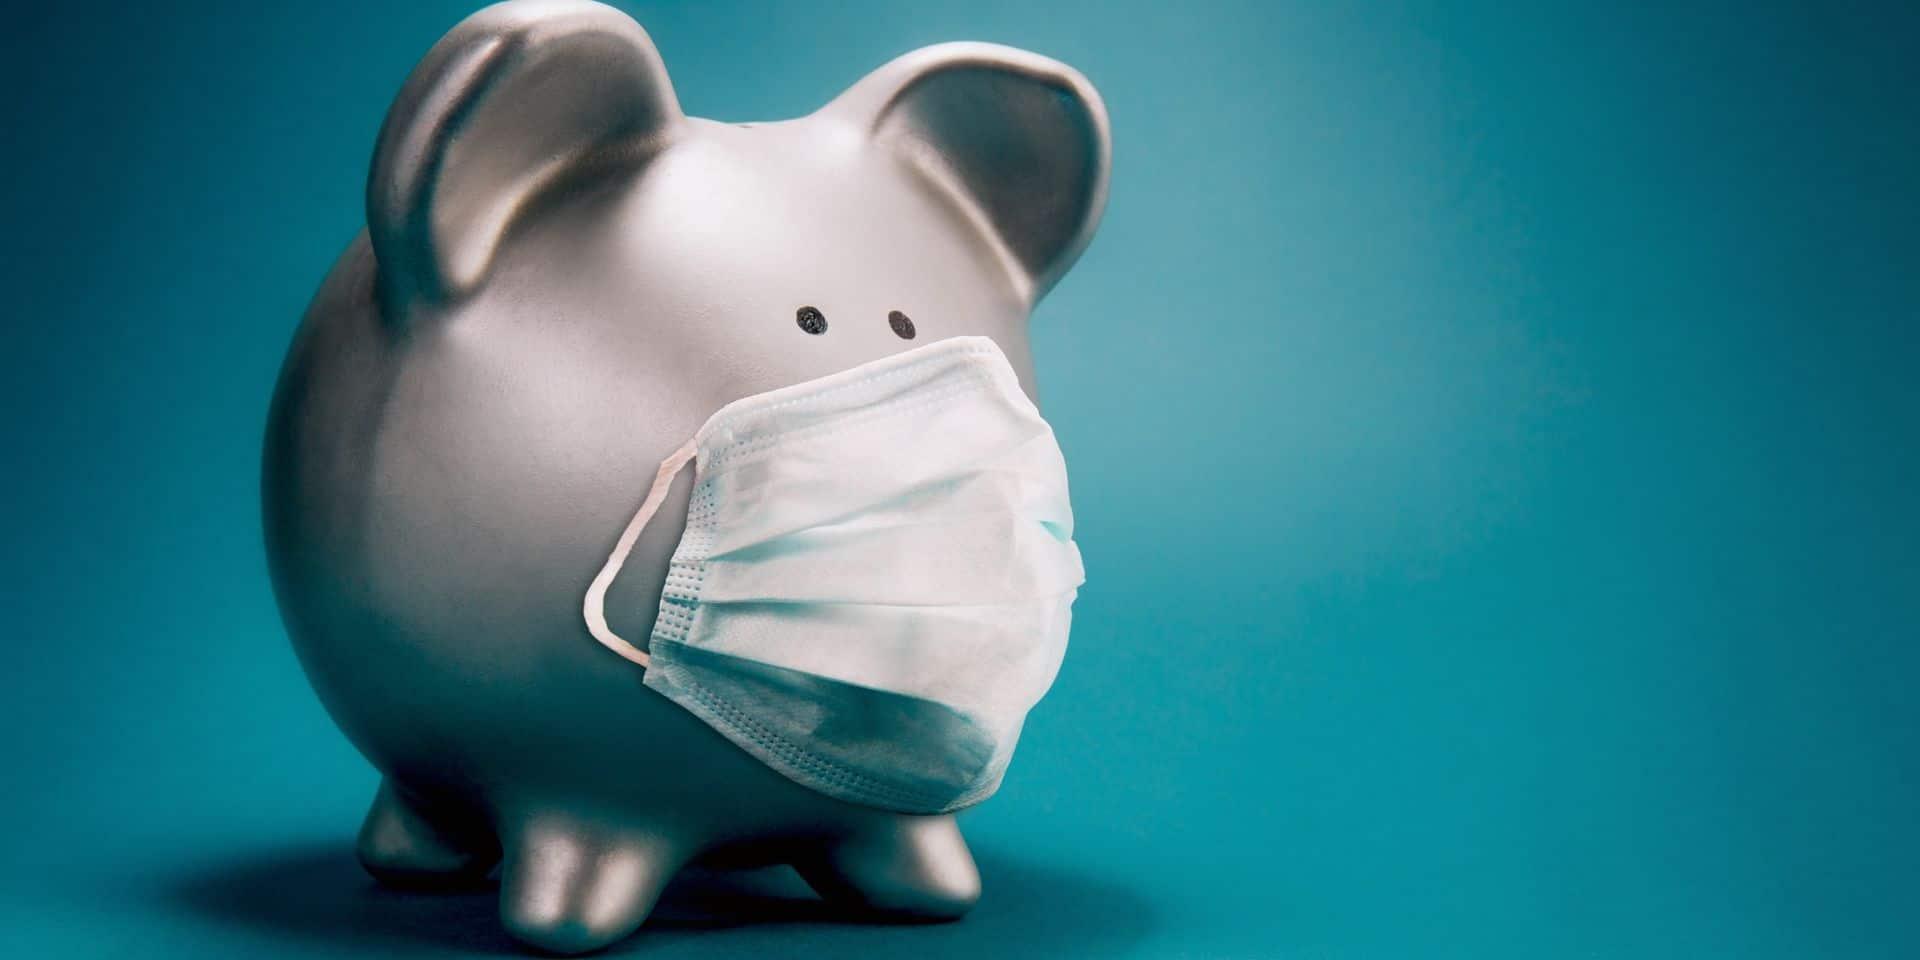 Une assurance pandémie devra surtout s'attaquer aux conséquences économiques.